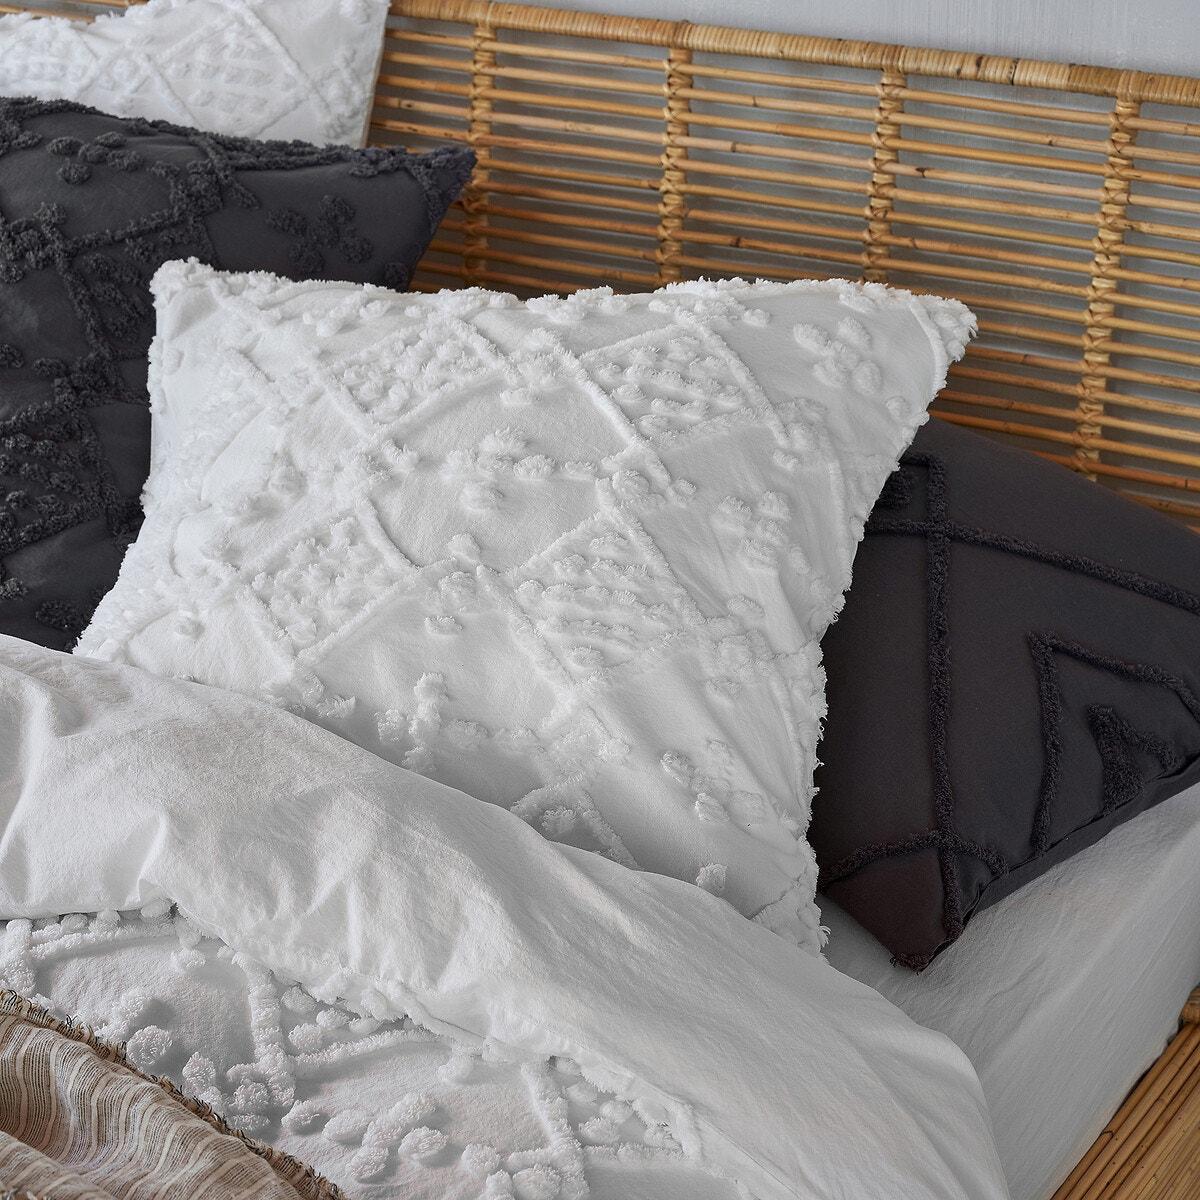 Pintu オーガニックコットン タフテッド枕カバー